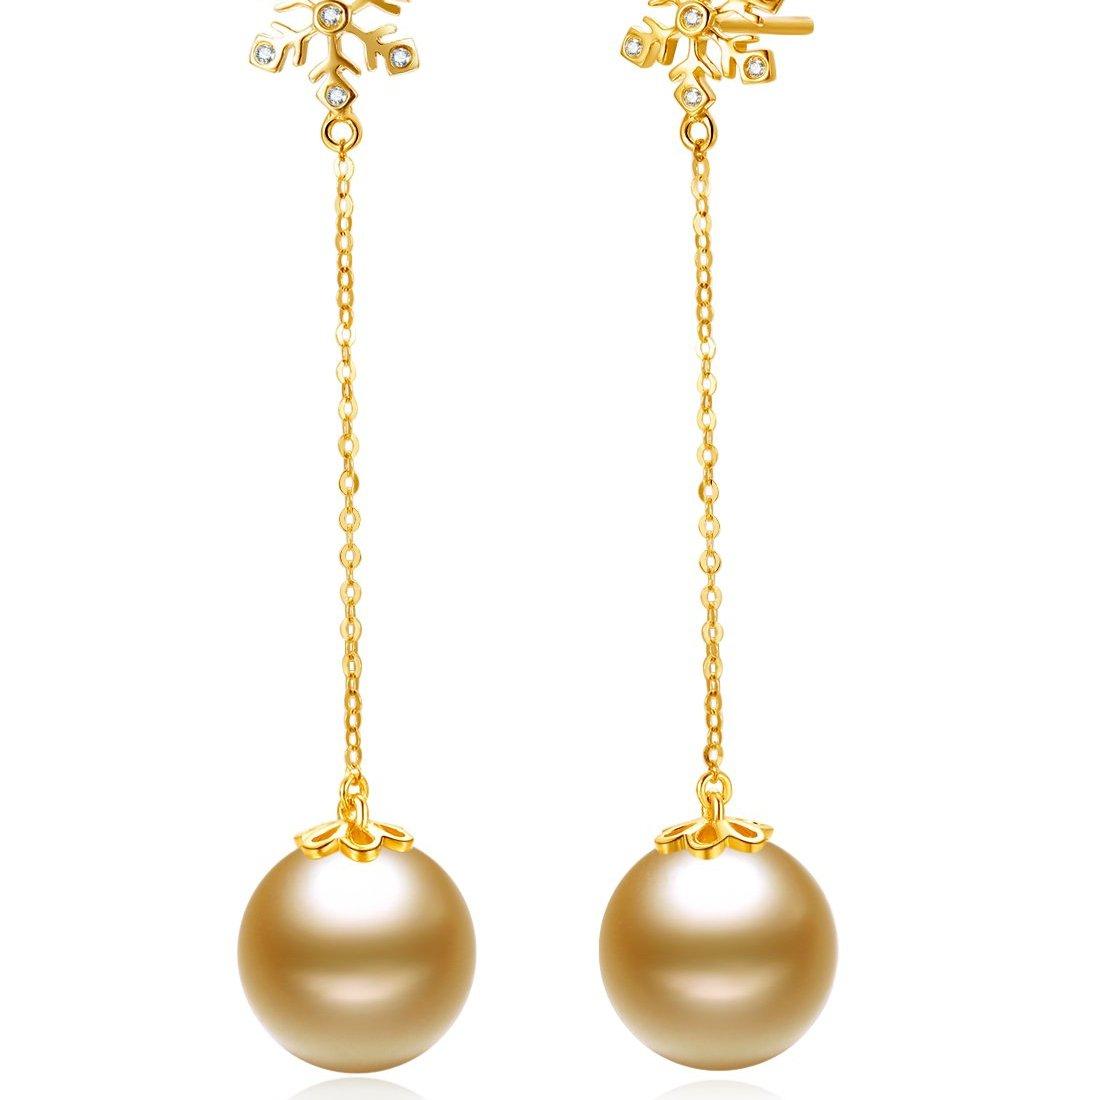 北海珍珠耳环批发  南洋珍珠  11-12mm南洋金珍珠18K金钻石耳饰 珍珠 耳环 耳饰